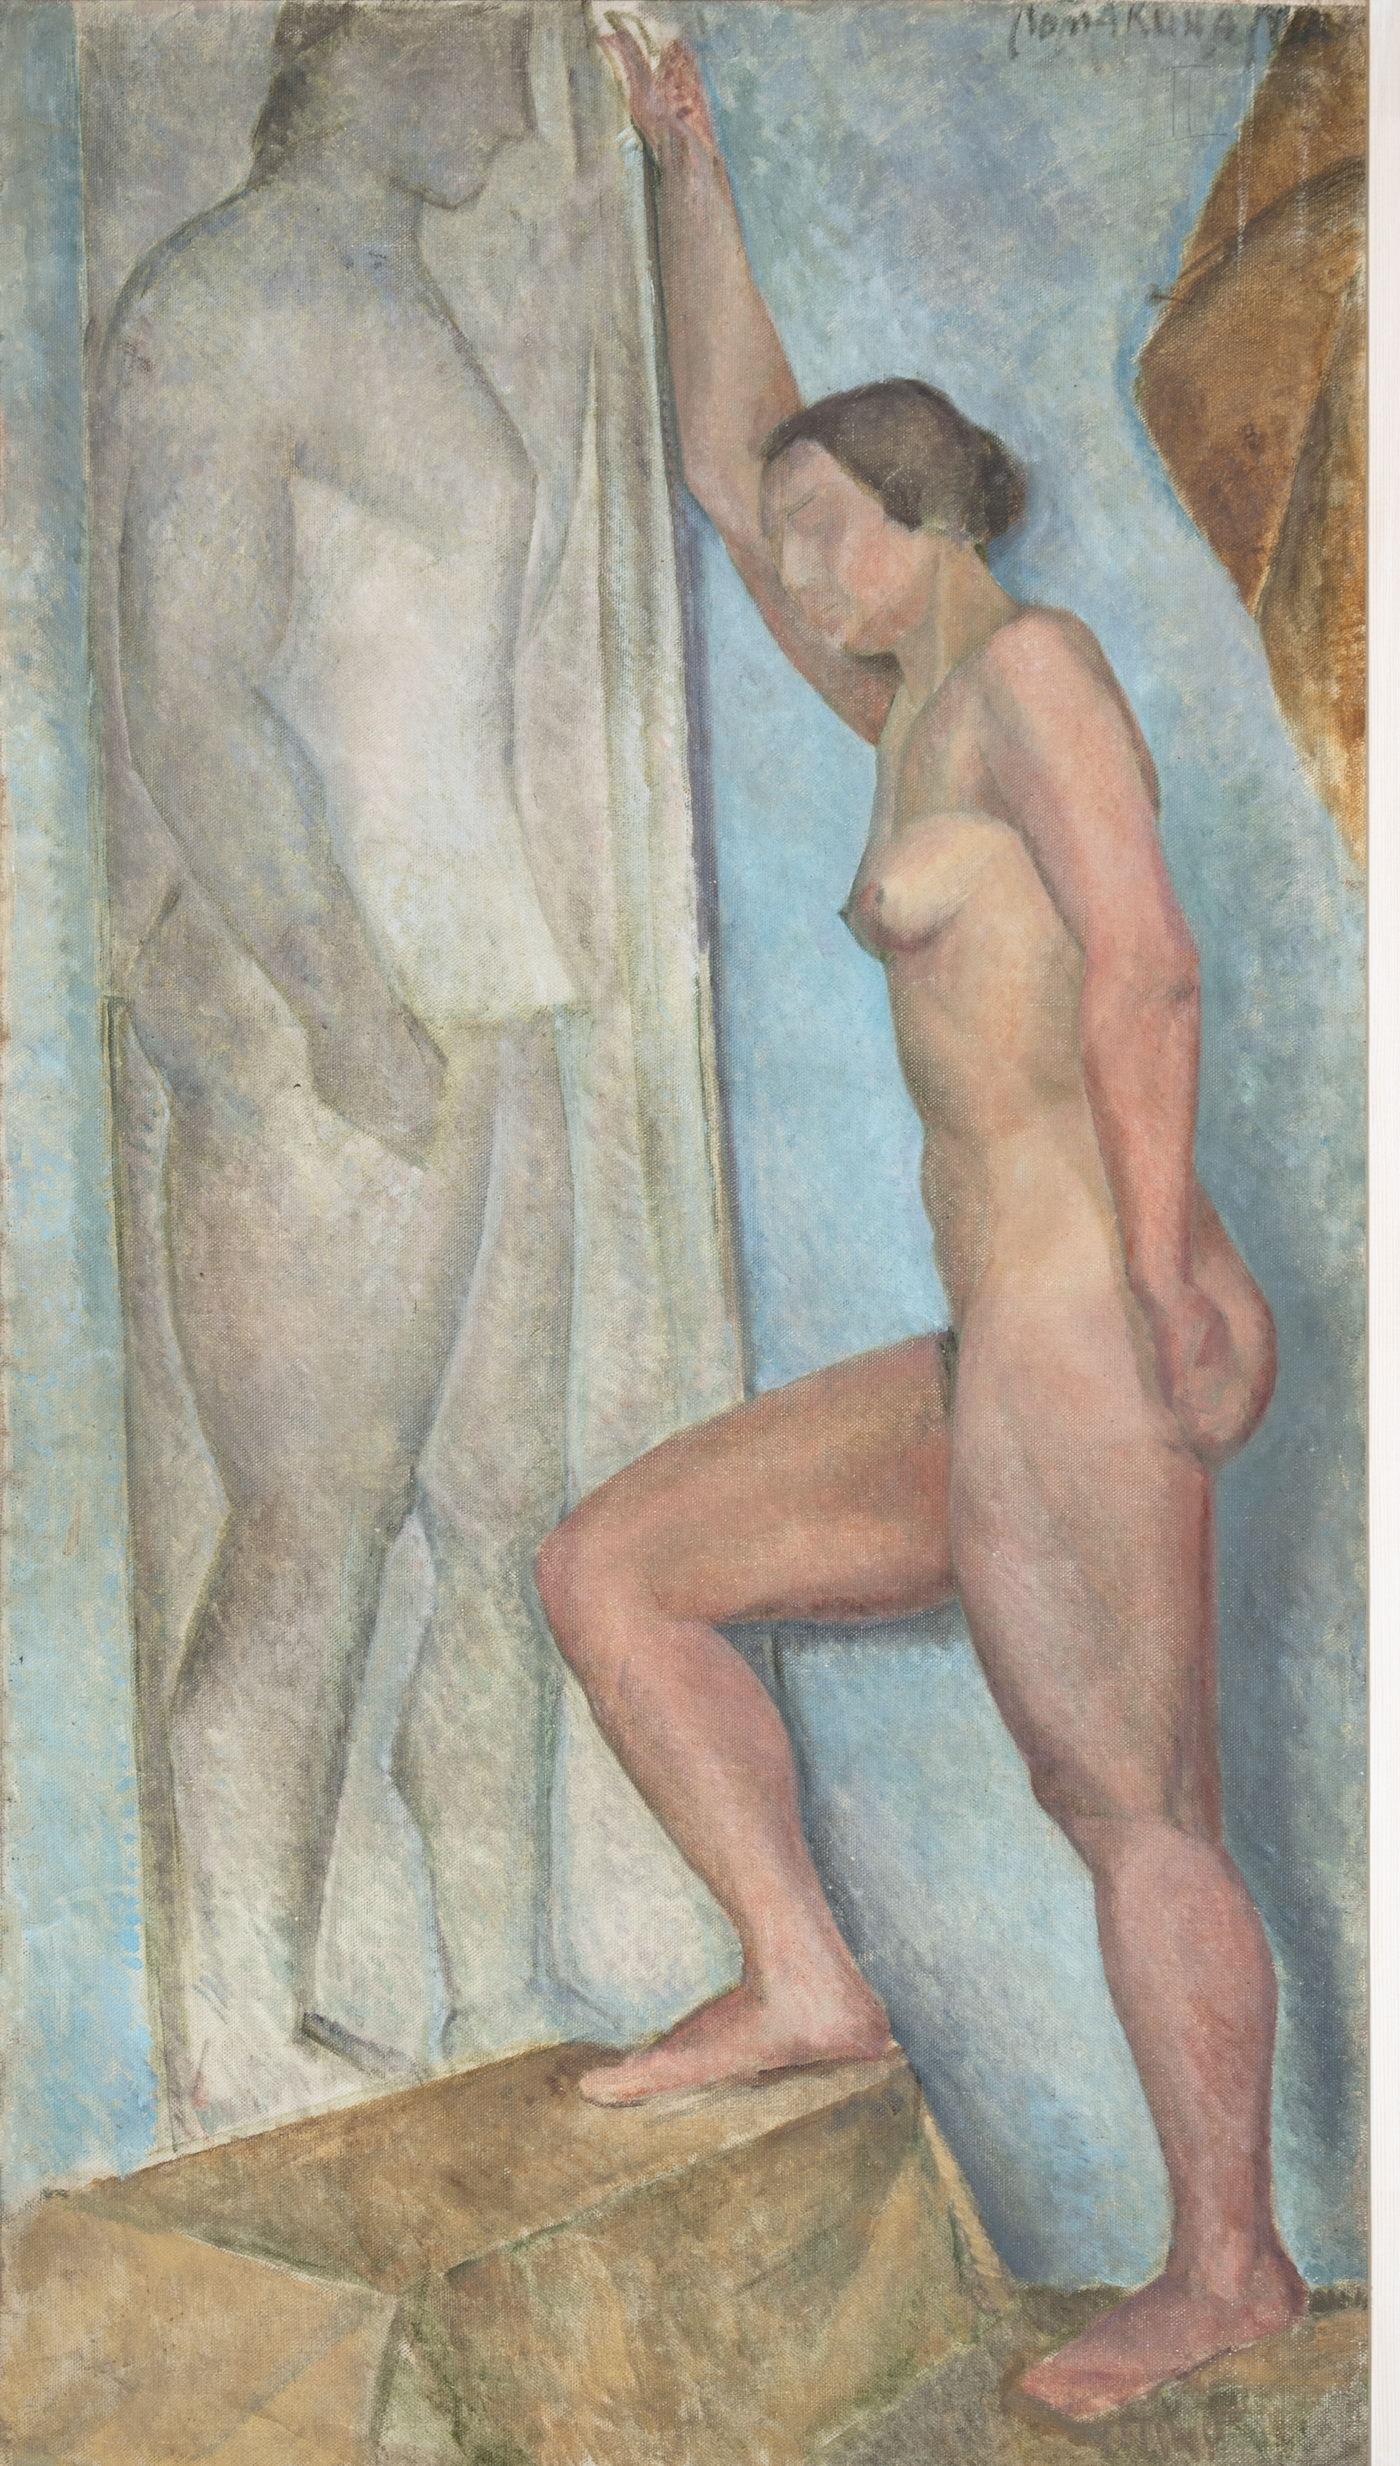 Мария Ломакина. Модель с куросом. 1923 – 1927. Холст, масло. 134 х 73 см.